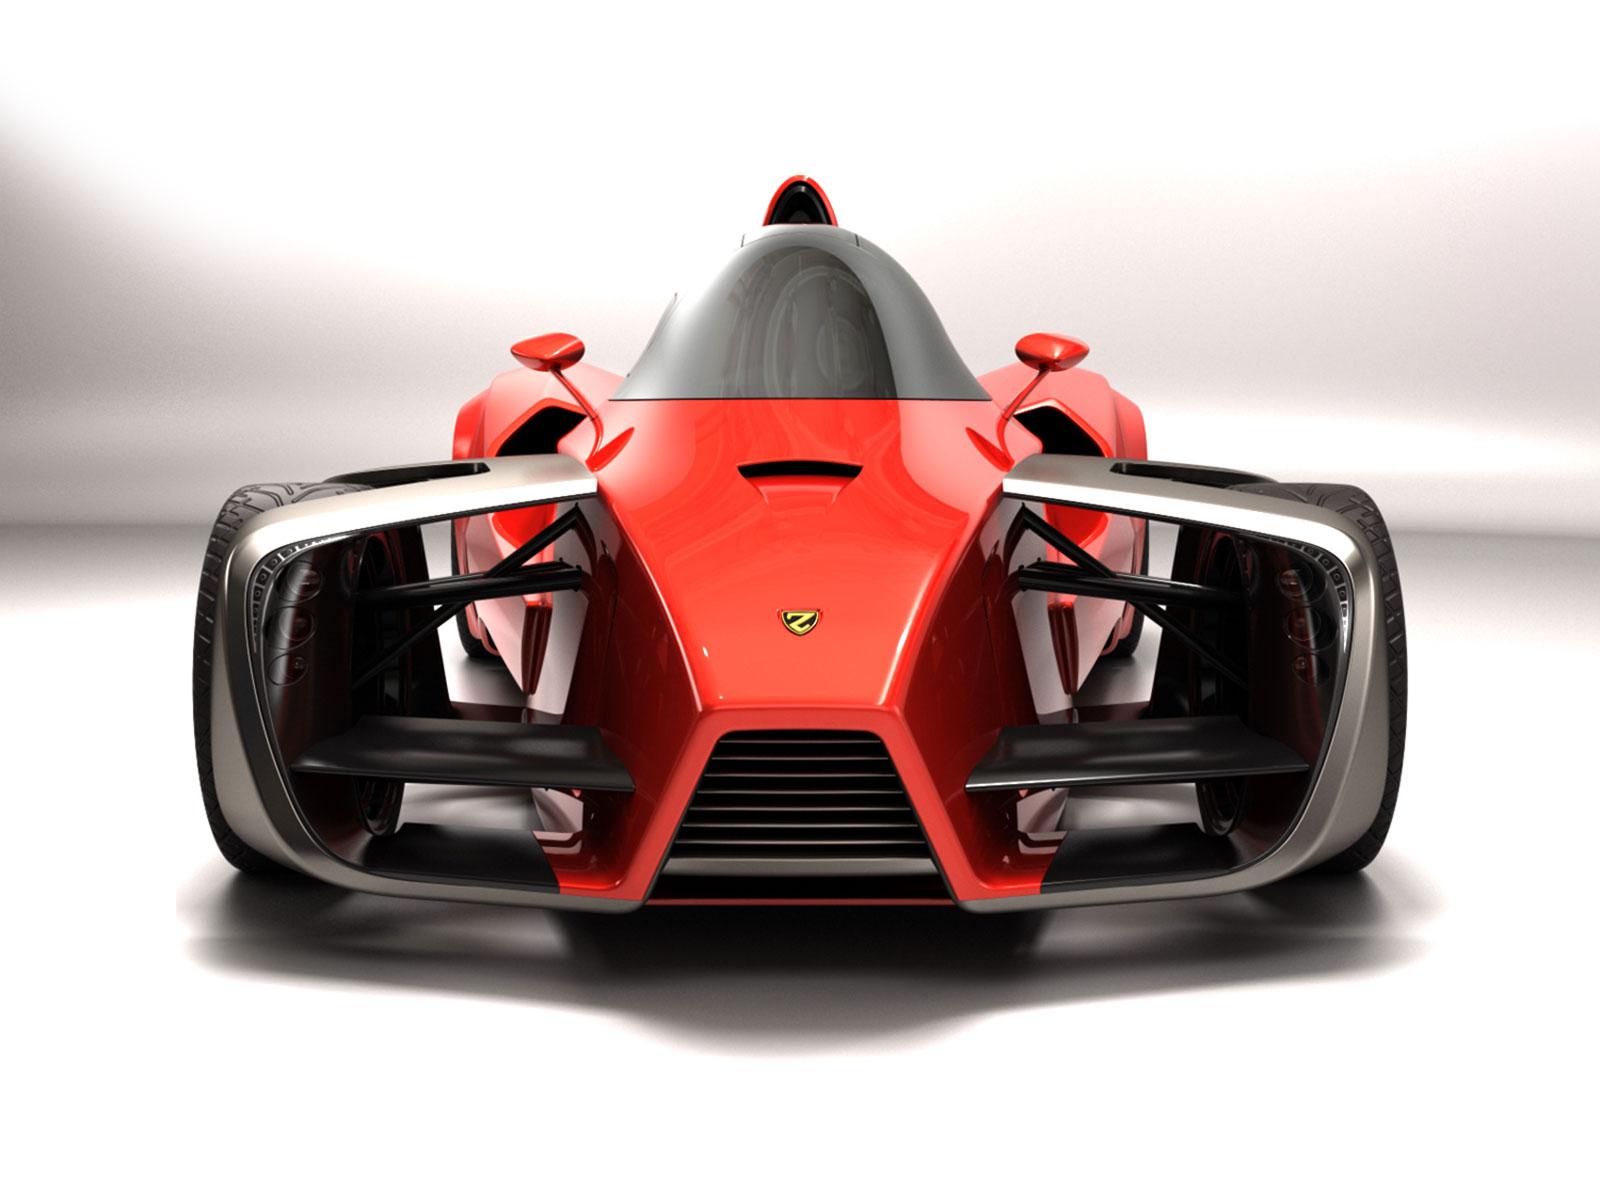 http://www.diseno-art.com/news_content/wp-content/uploads/2013/10/Ferrari-Zoubin-concept-6.jpg